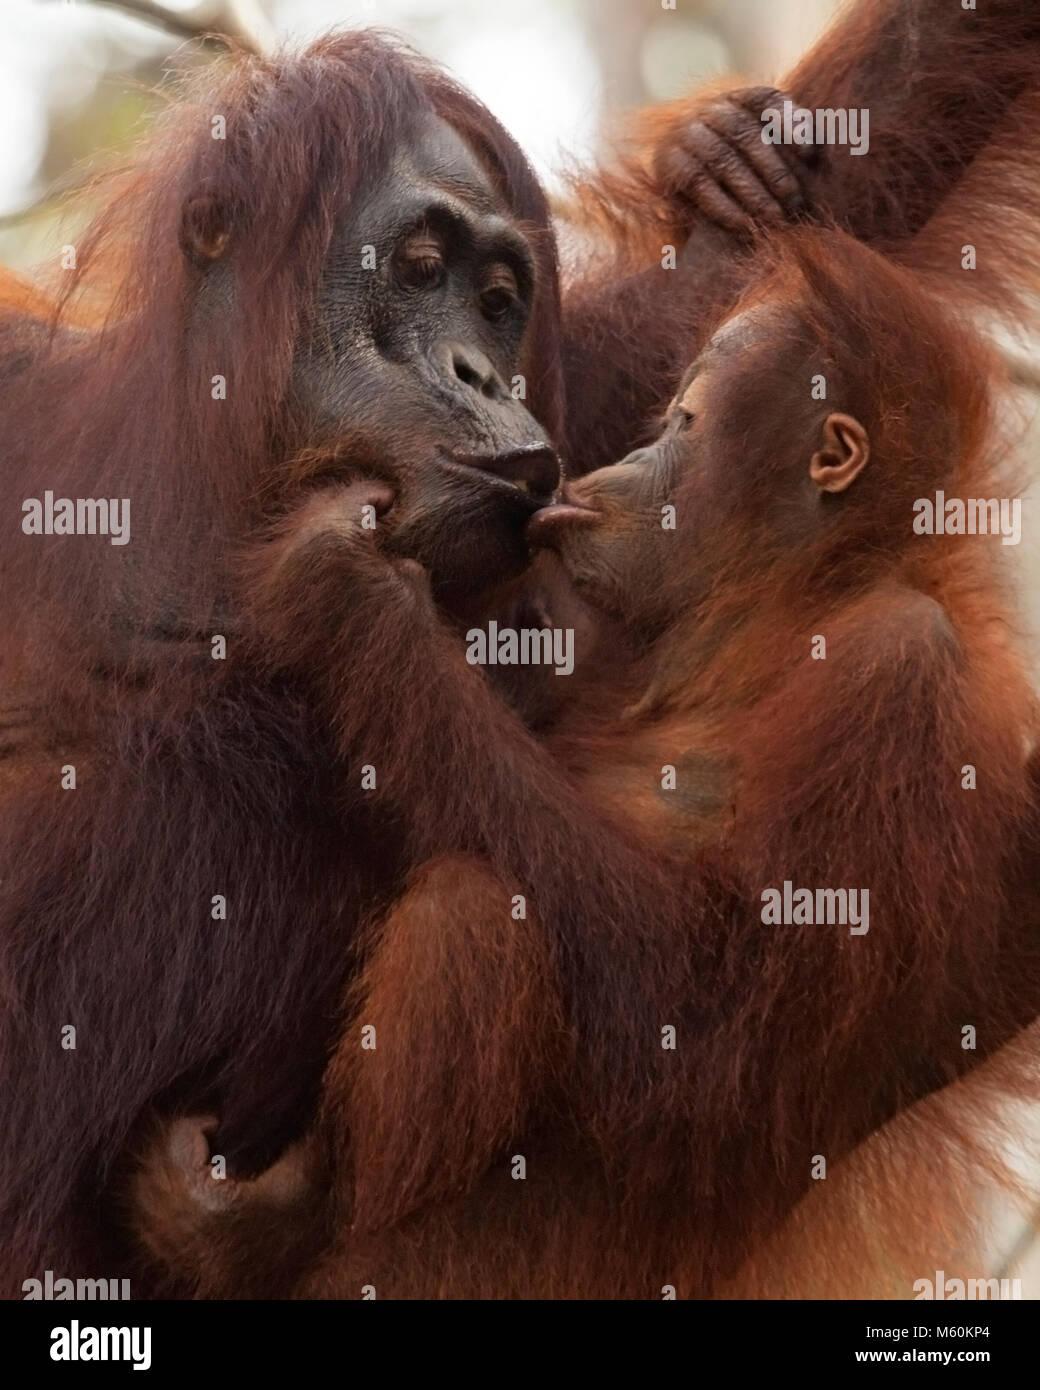 Orangután salvaje madre besar bebé (Pongo pygmaeus) en el parque nacional Tanjung Puting Foto de stock